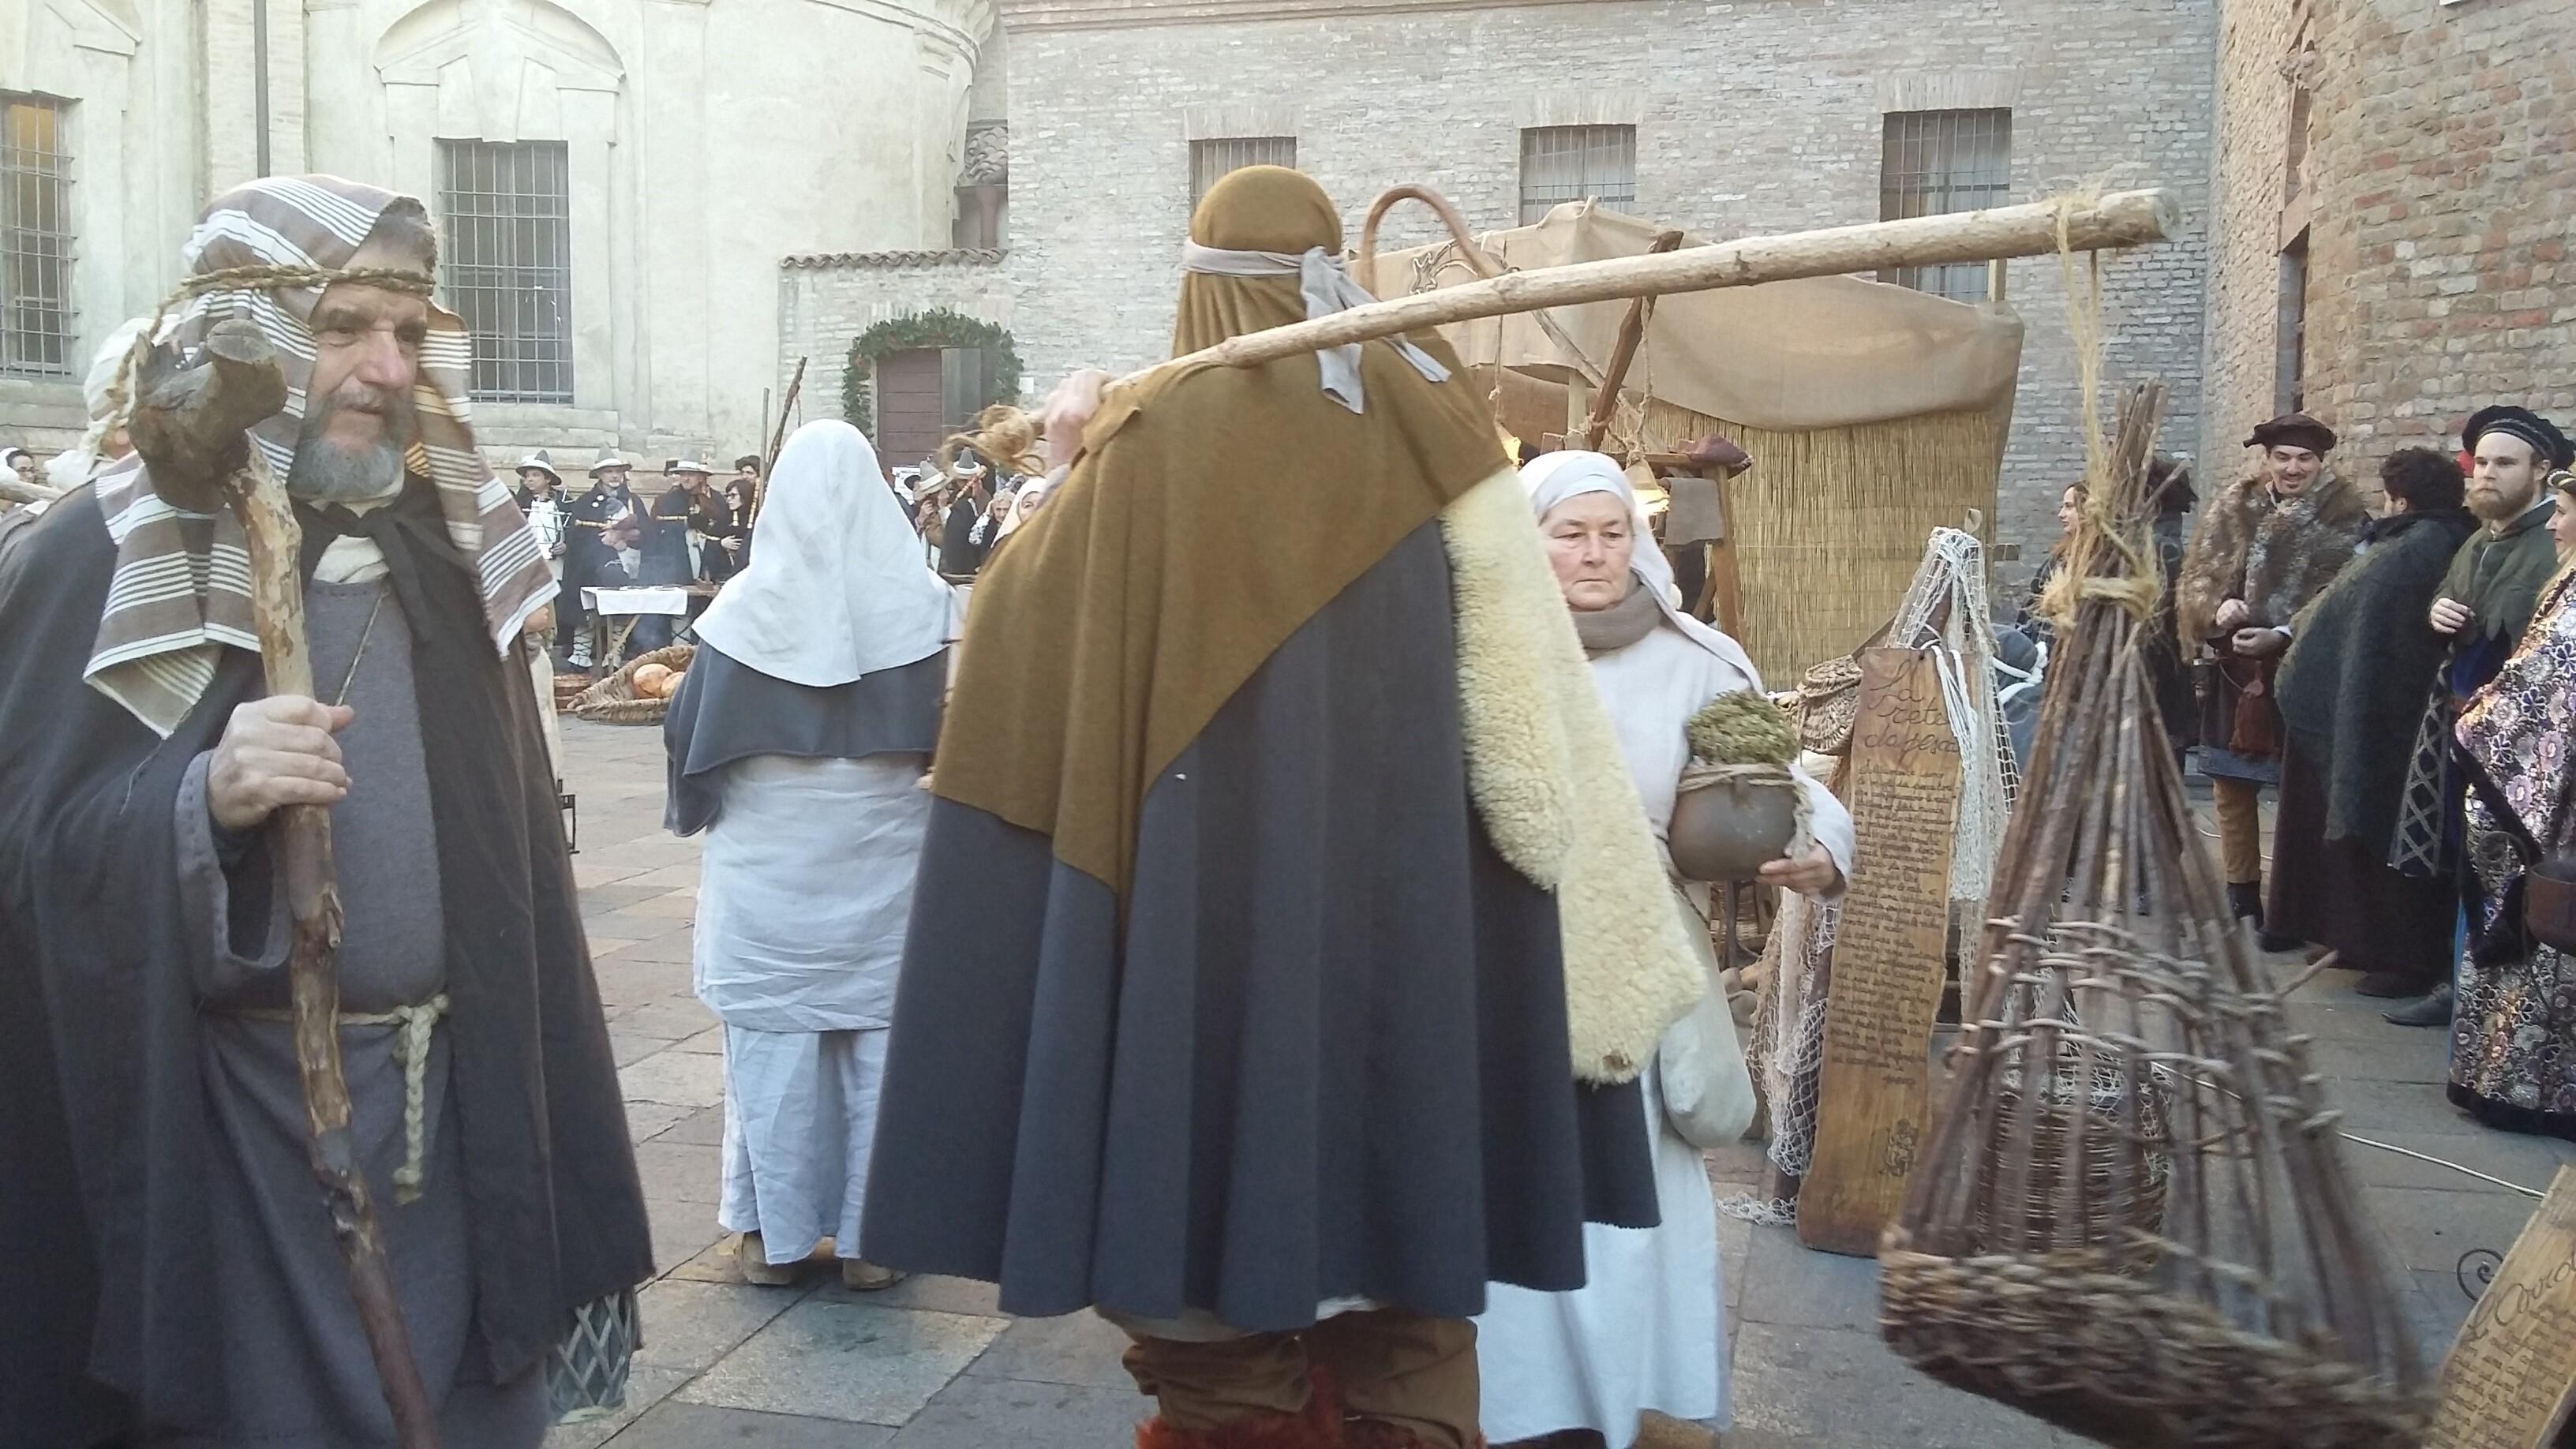 Corteo dei Magi a Parma